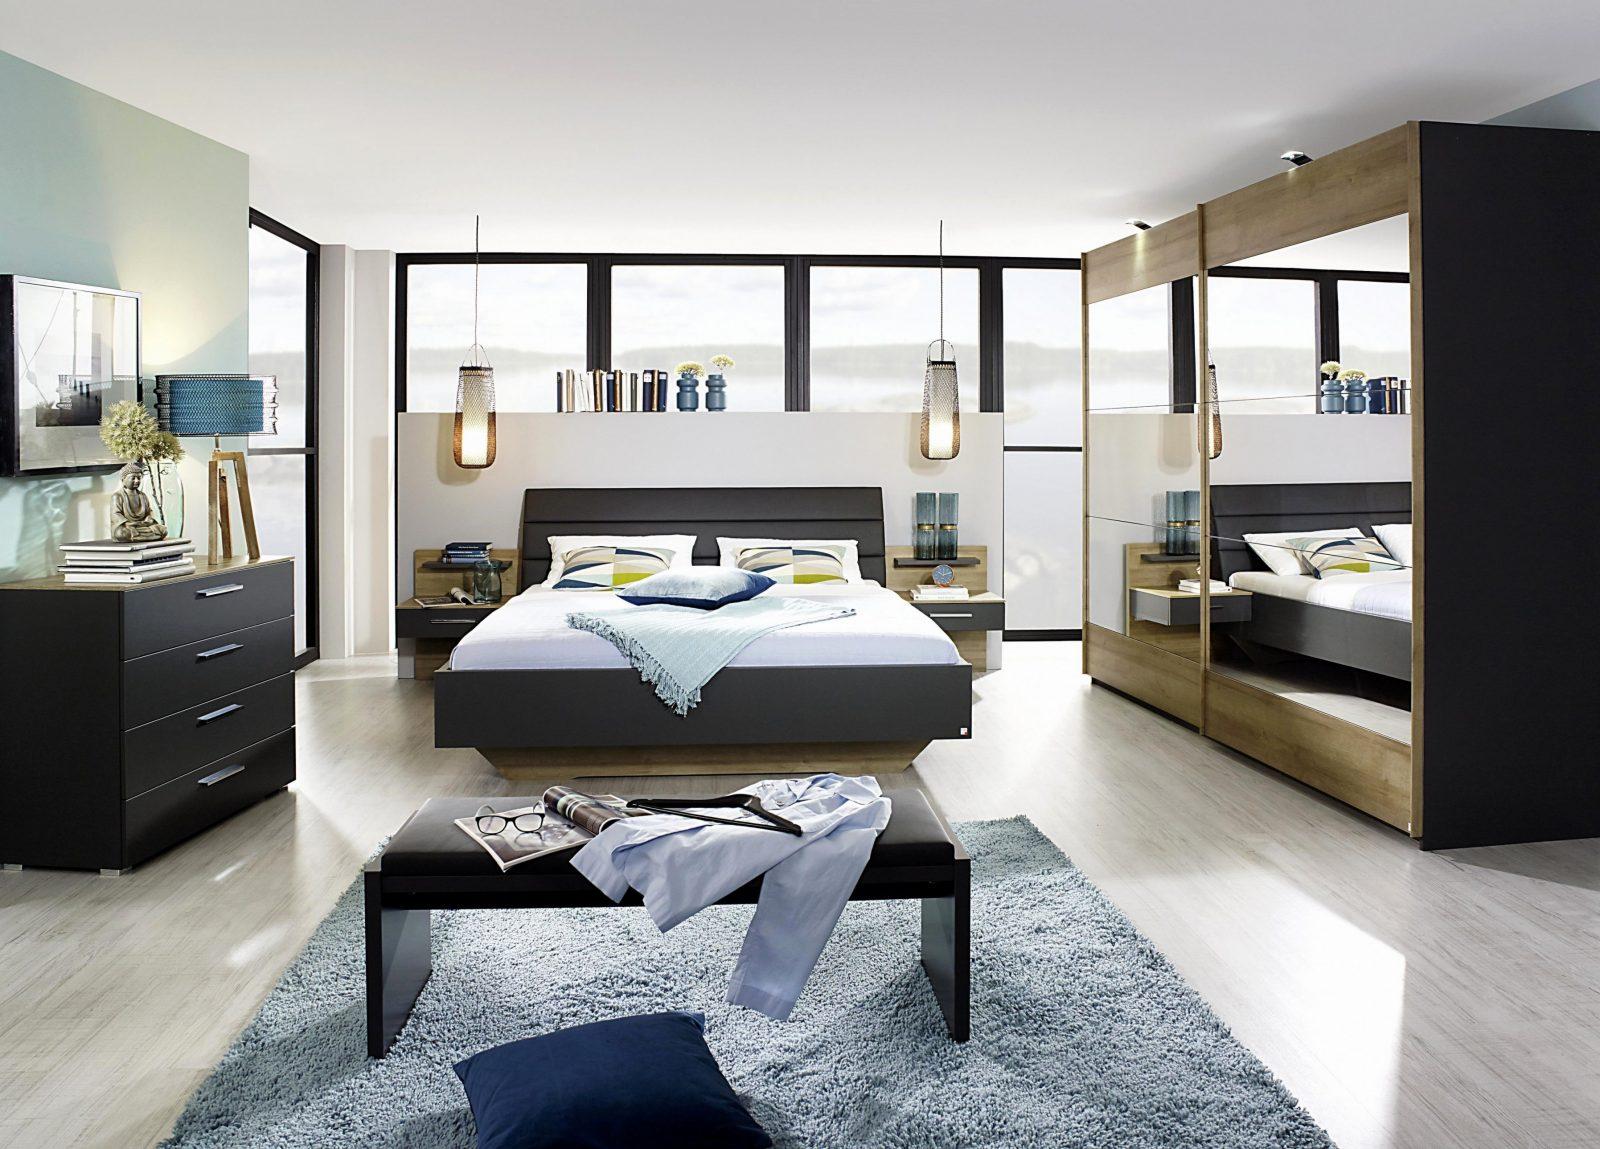 13 Qm Zimmer Einrichten In Recent 13 Qm Zimmer Einrichten Haus von 13 Qm Zimmer Einrichten Bild